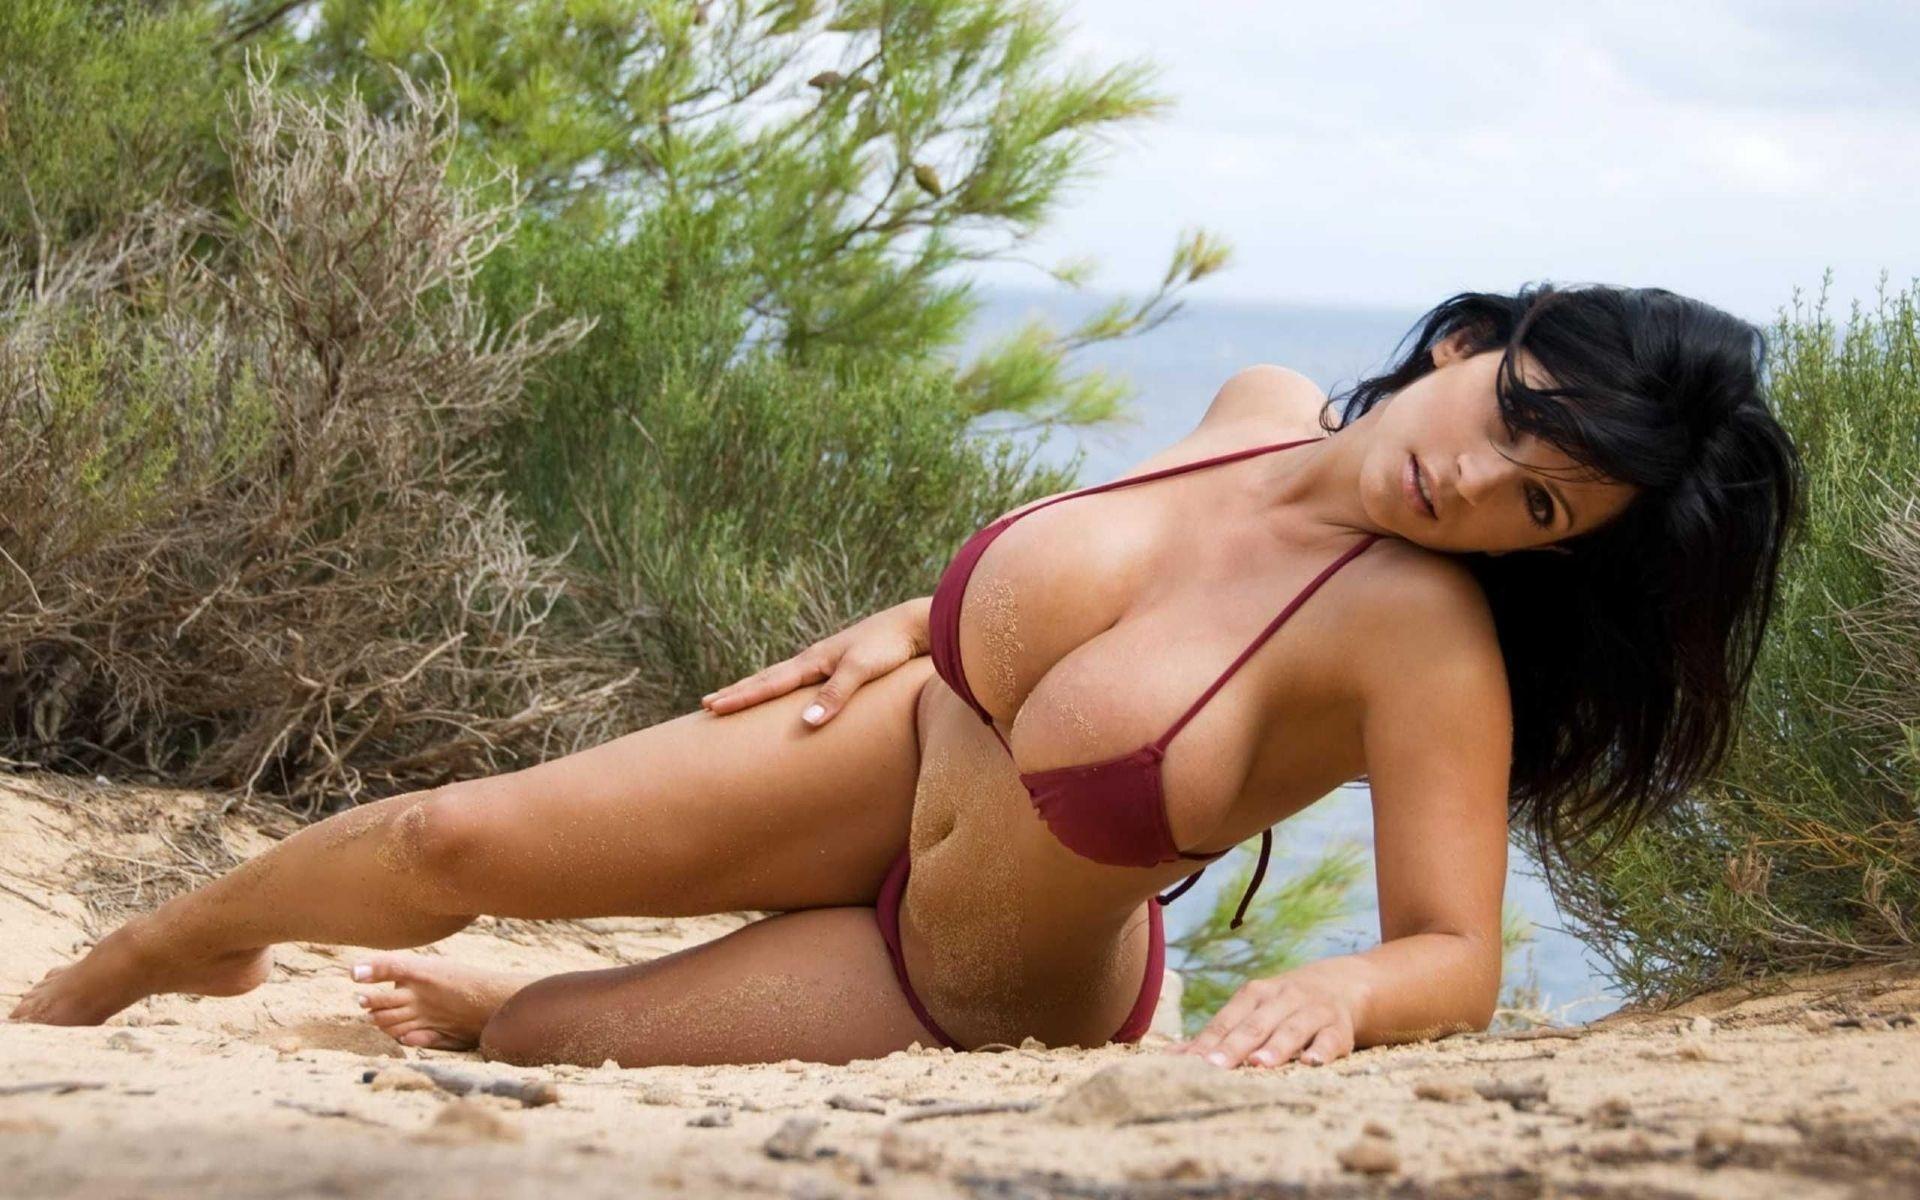 big-bikini-boob-in-wallpaper-jillian-michaels-nude-image